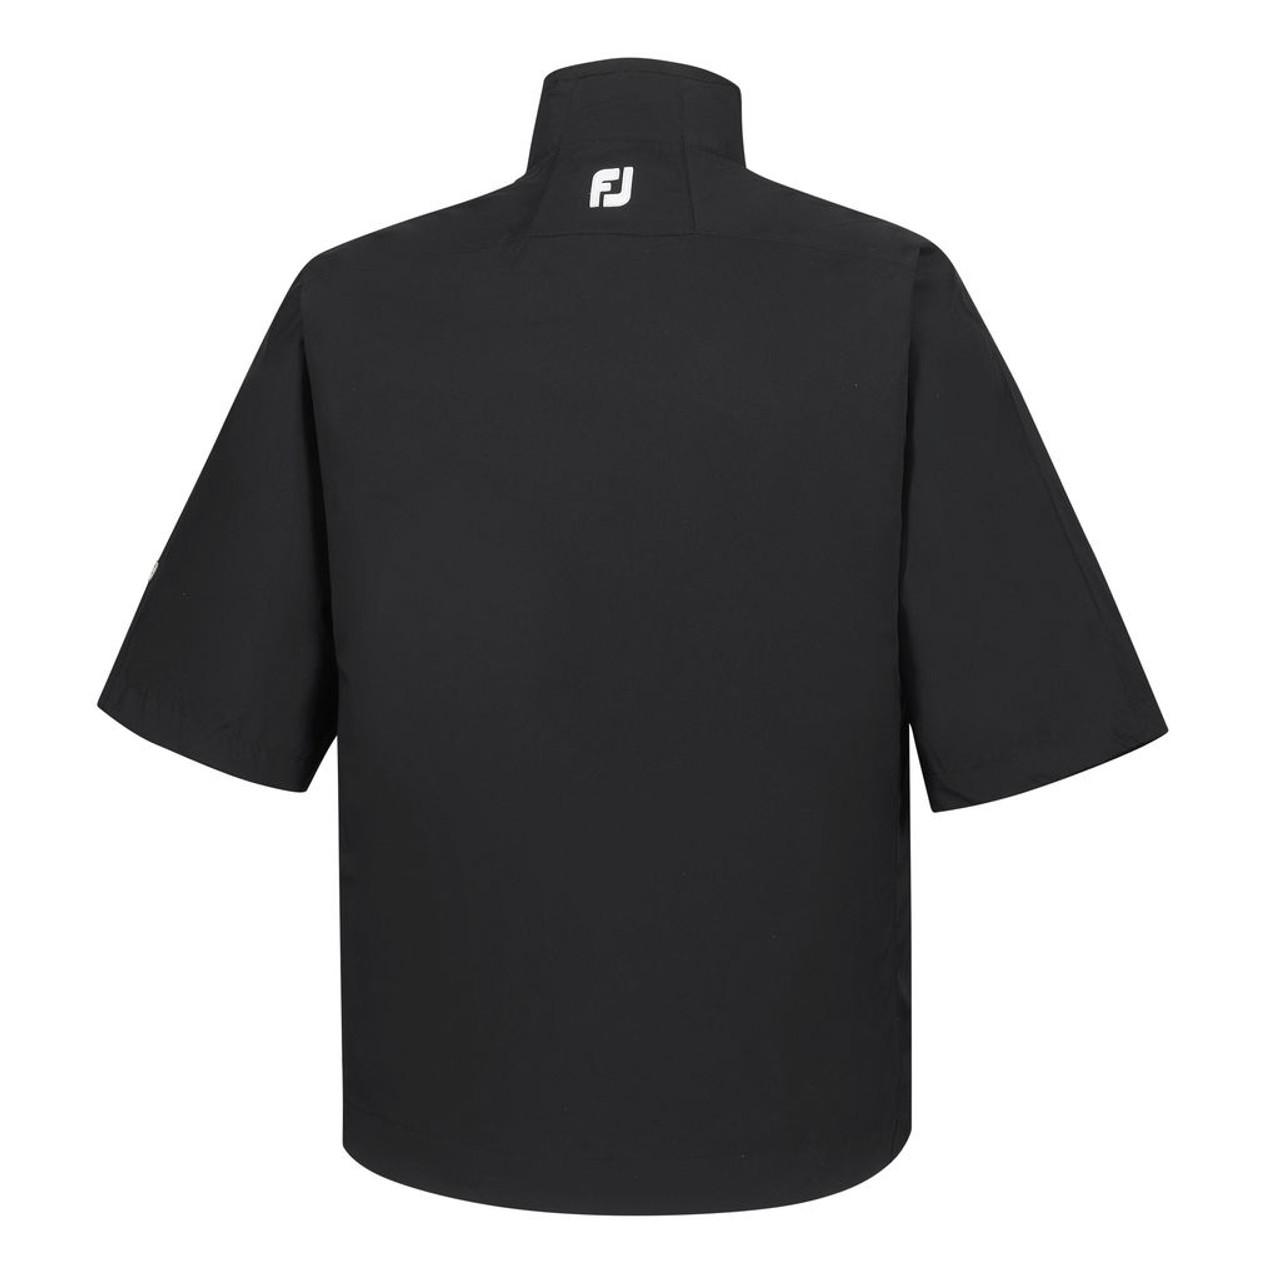 FootJoy FJ Hydrolite Short Sleeve Rain Shirt - Black (23700)